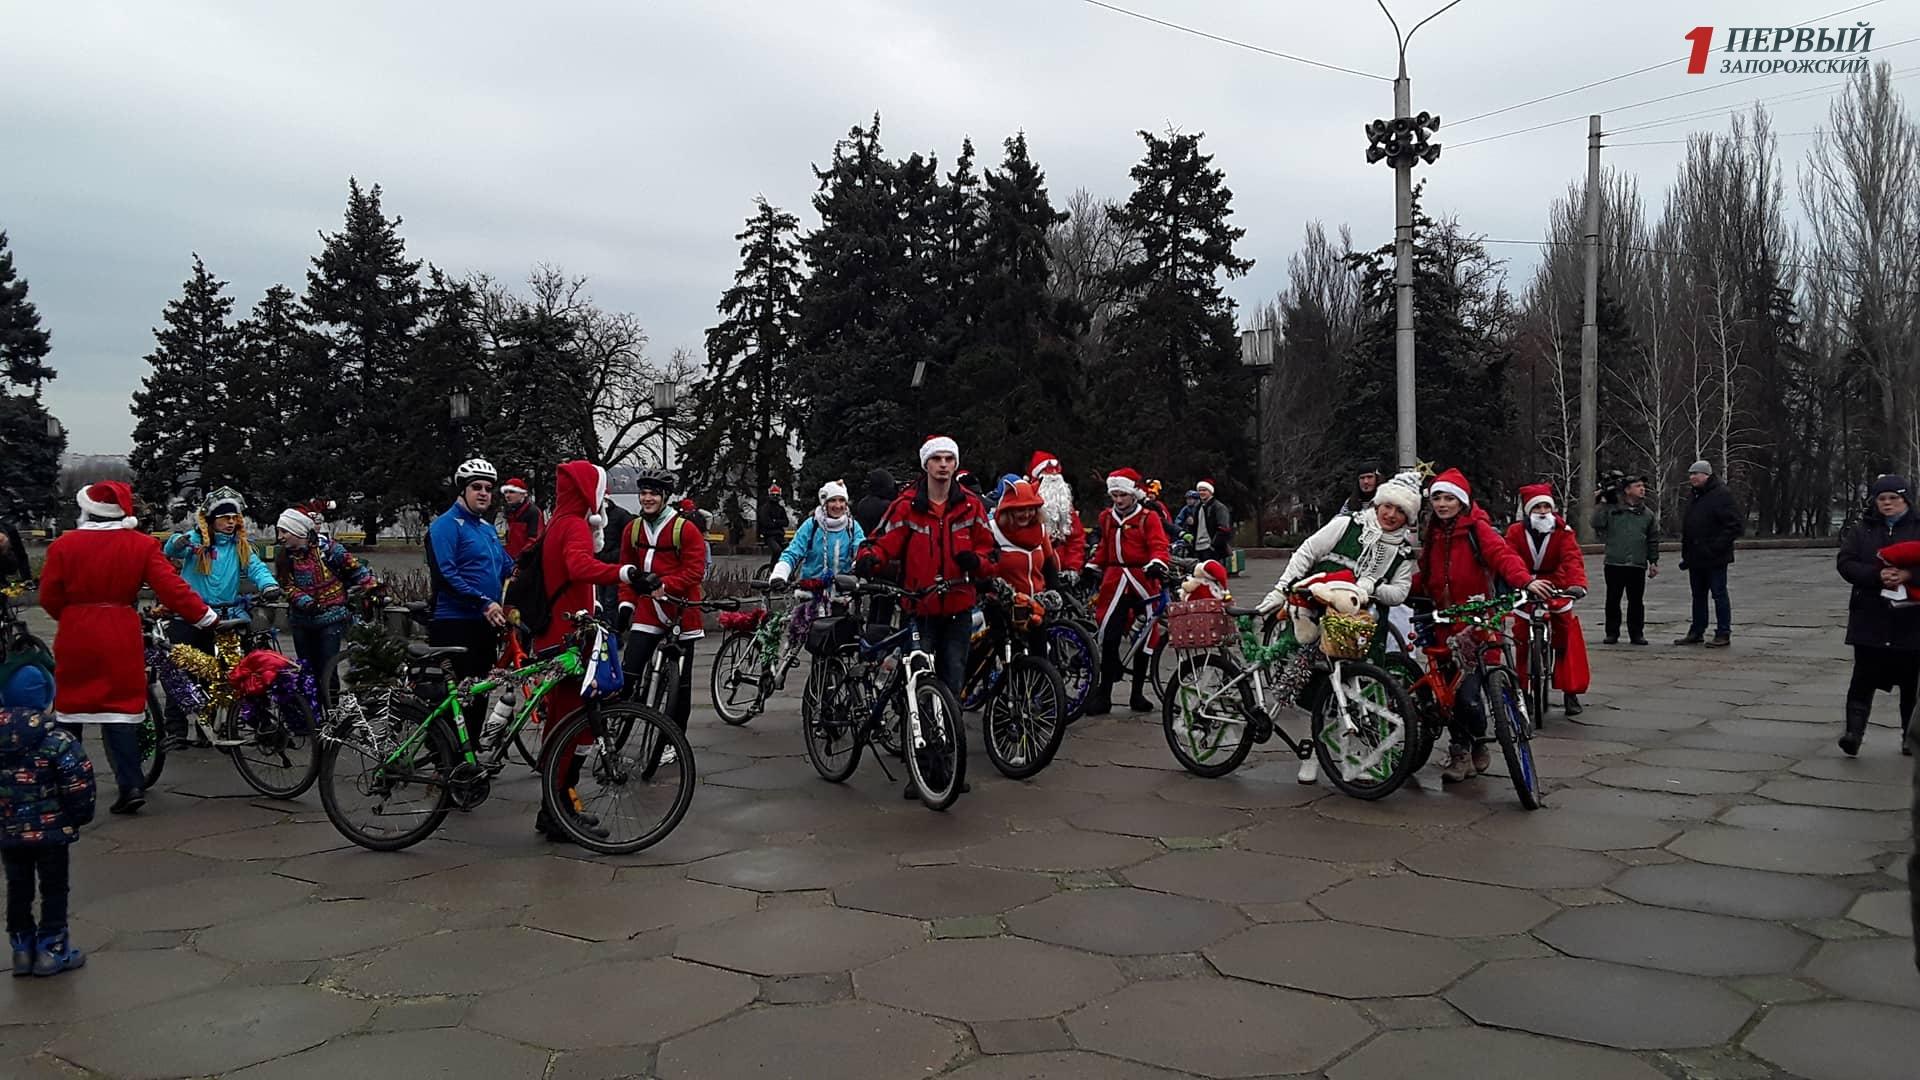 В Запорожье по центральному проспекту проехались Деды Морозы и Снегурочки – ФОТО, ВИДЕО